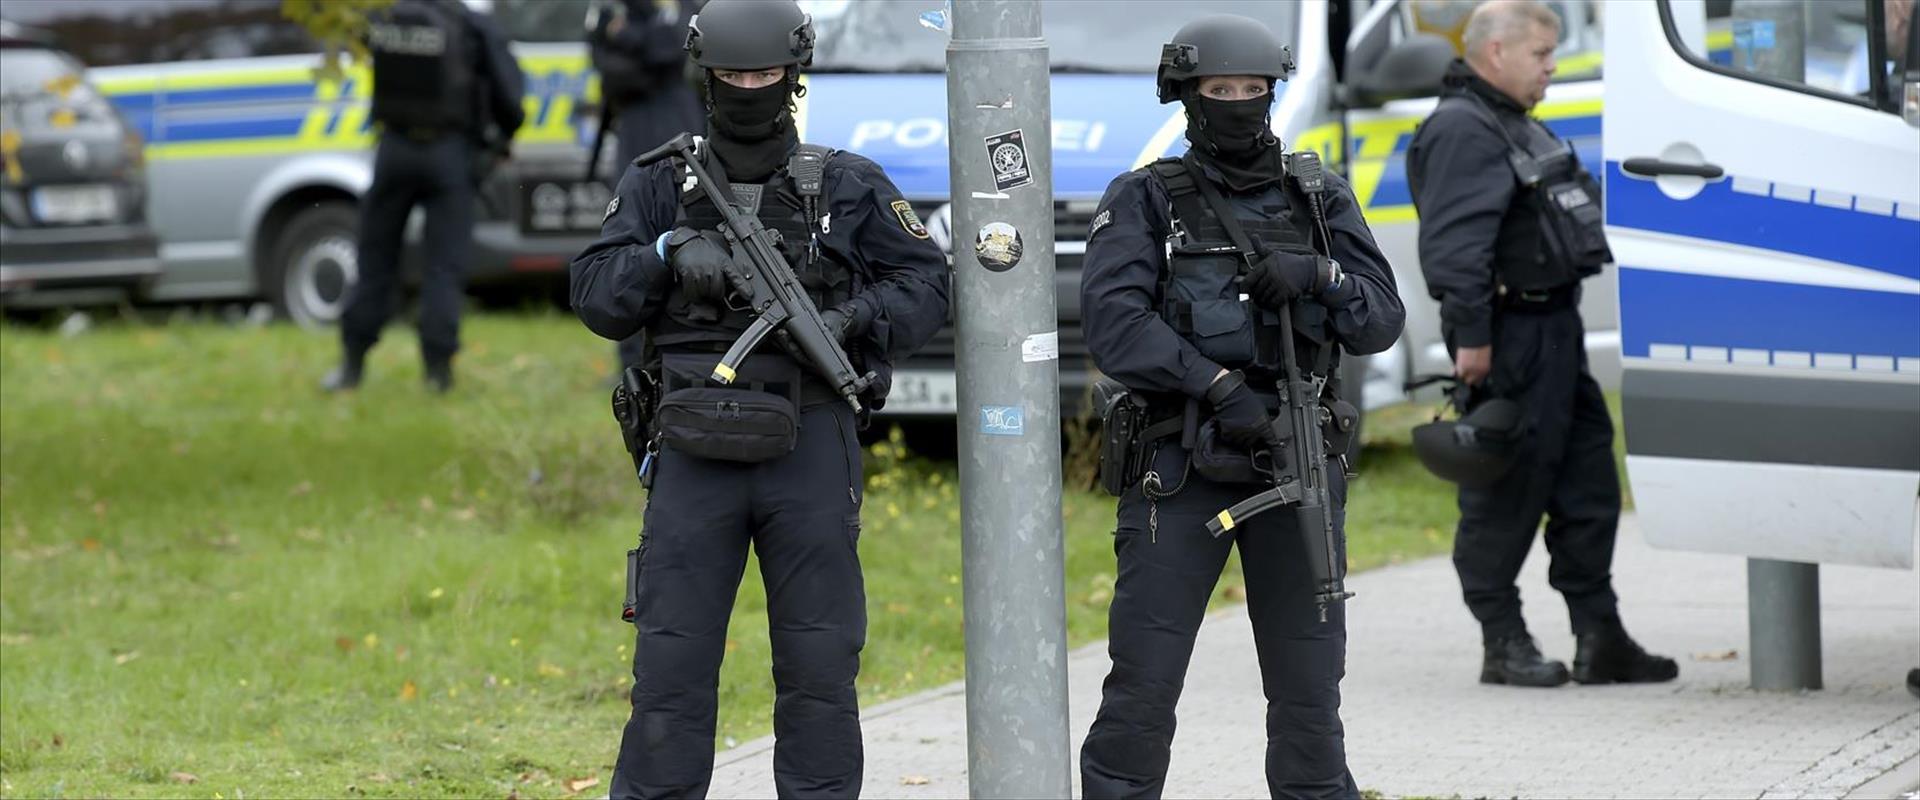 זירת הירי בגרמניה, אתמול